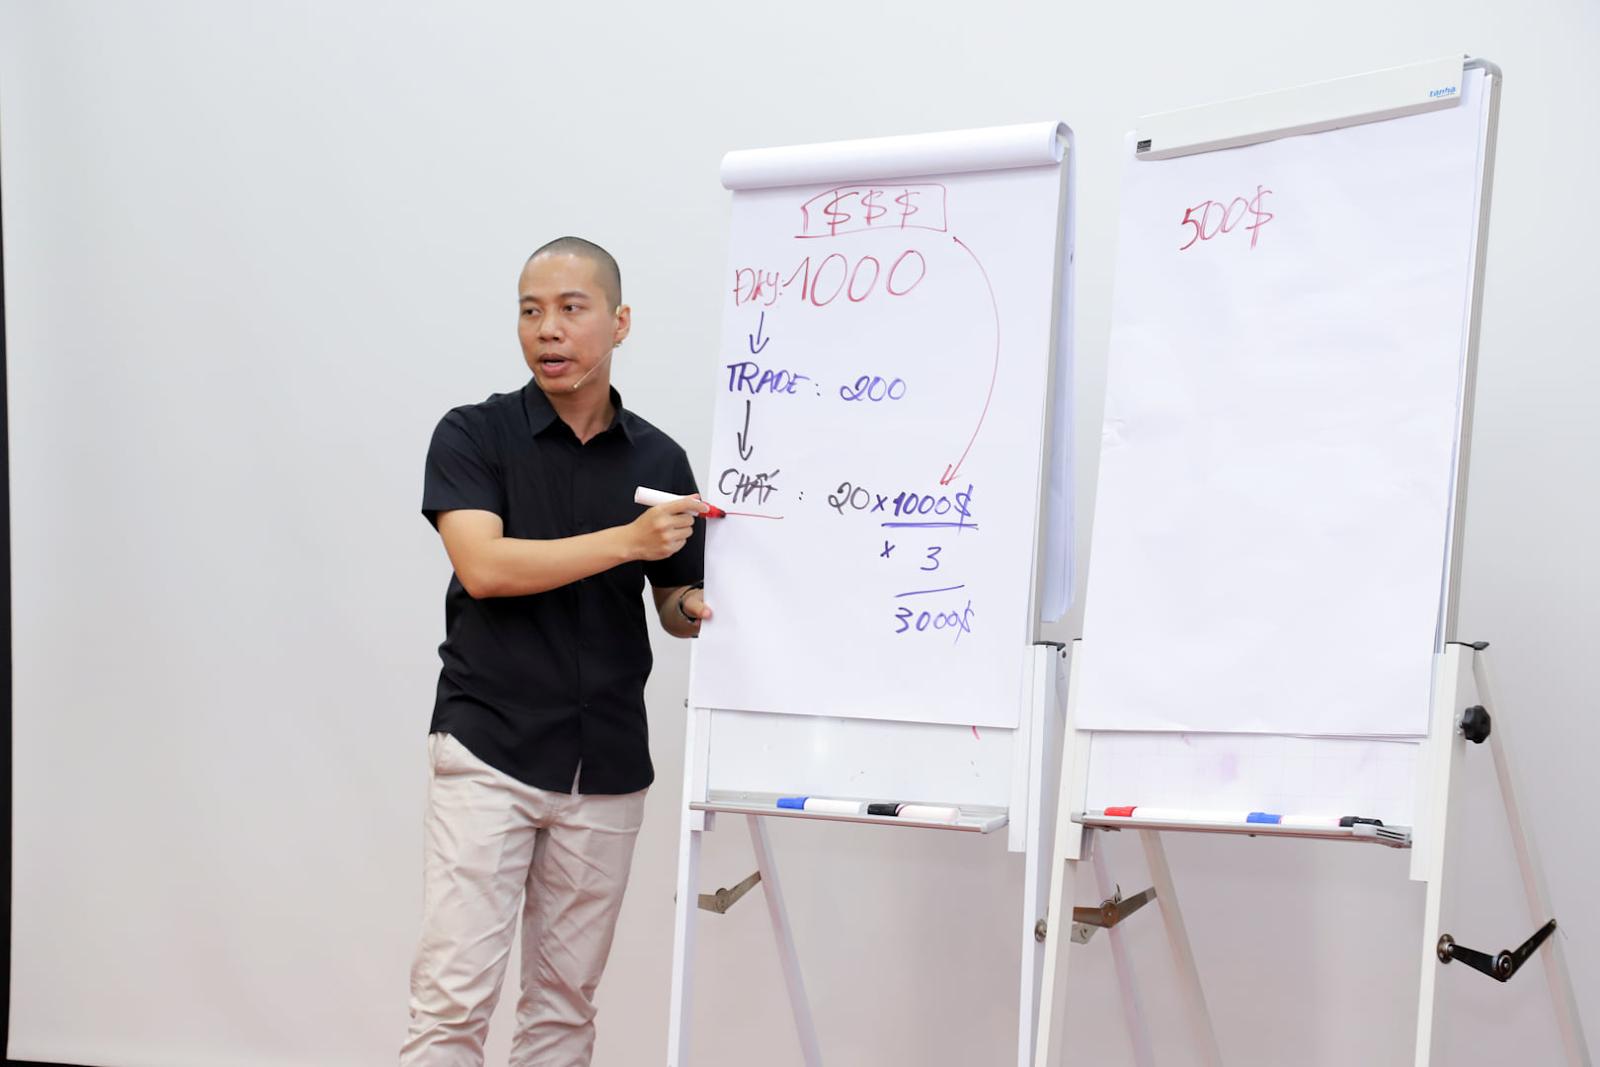 Nguyễn Tùng Sơn (Son Piaz) và con đường giúp hàng nghìn người trẻ trở nên thành đạt  - Ảnh 1